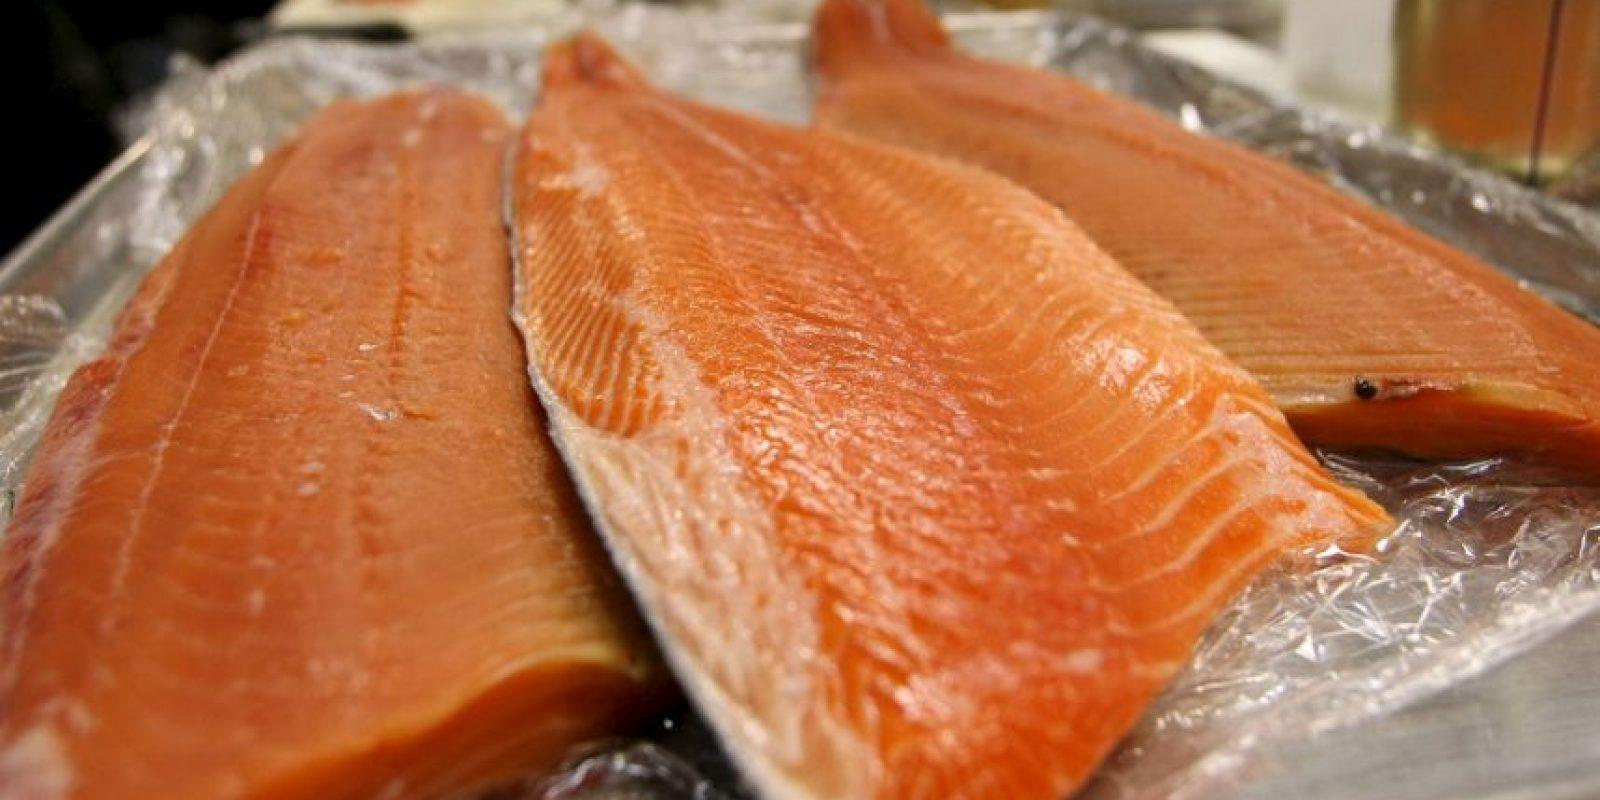 """No te preocupes, no tienes que ir de pesca en los fiordos noruegos para seguir este estilo de vida de alimentación sana. """"Lo puedes hacer en cualquier lugar del mundo siguiendo el mismo principio, sólo con comida producida localmente"""", aconseja. Foto:Getty Images"""